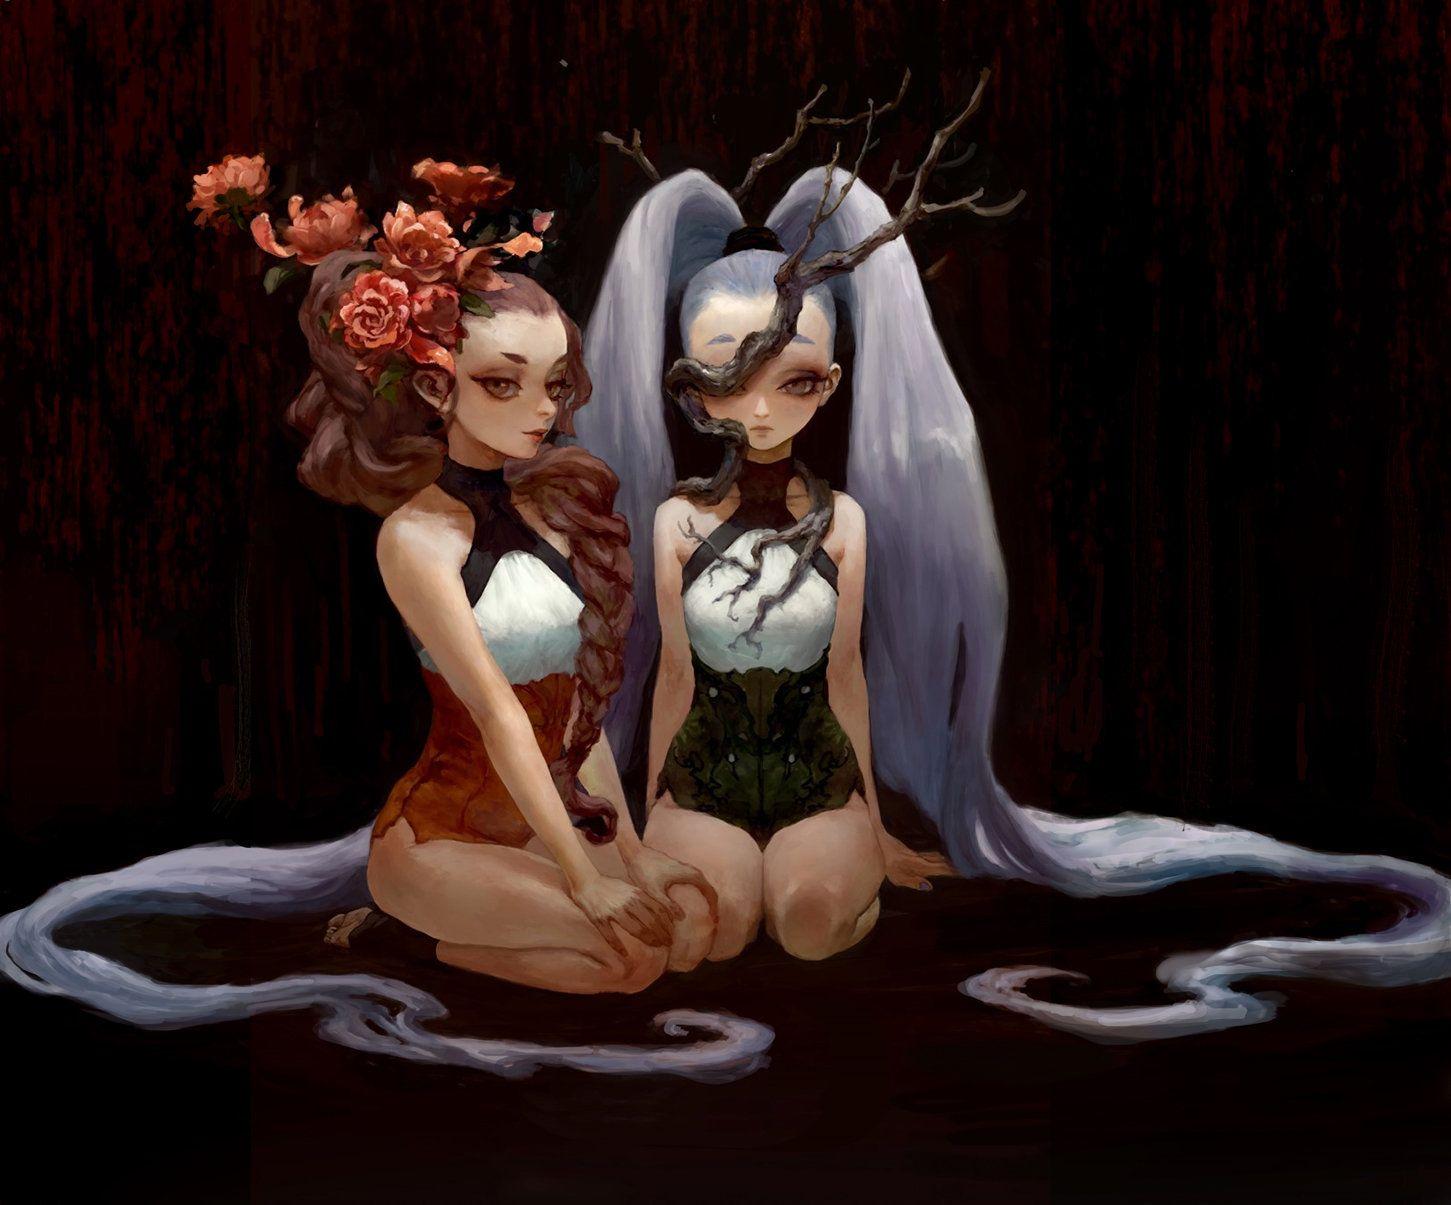 fraternal twin, Log .h on ArtStation at https://www.artstation.com/artwork/RYkvE